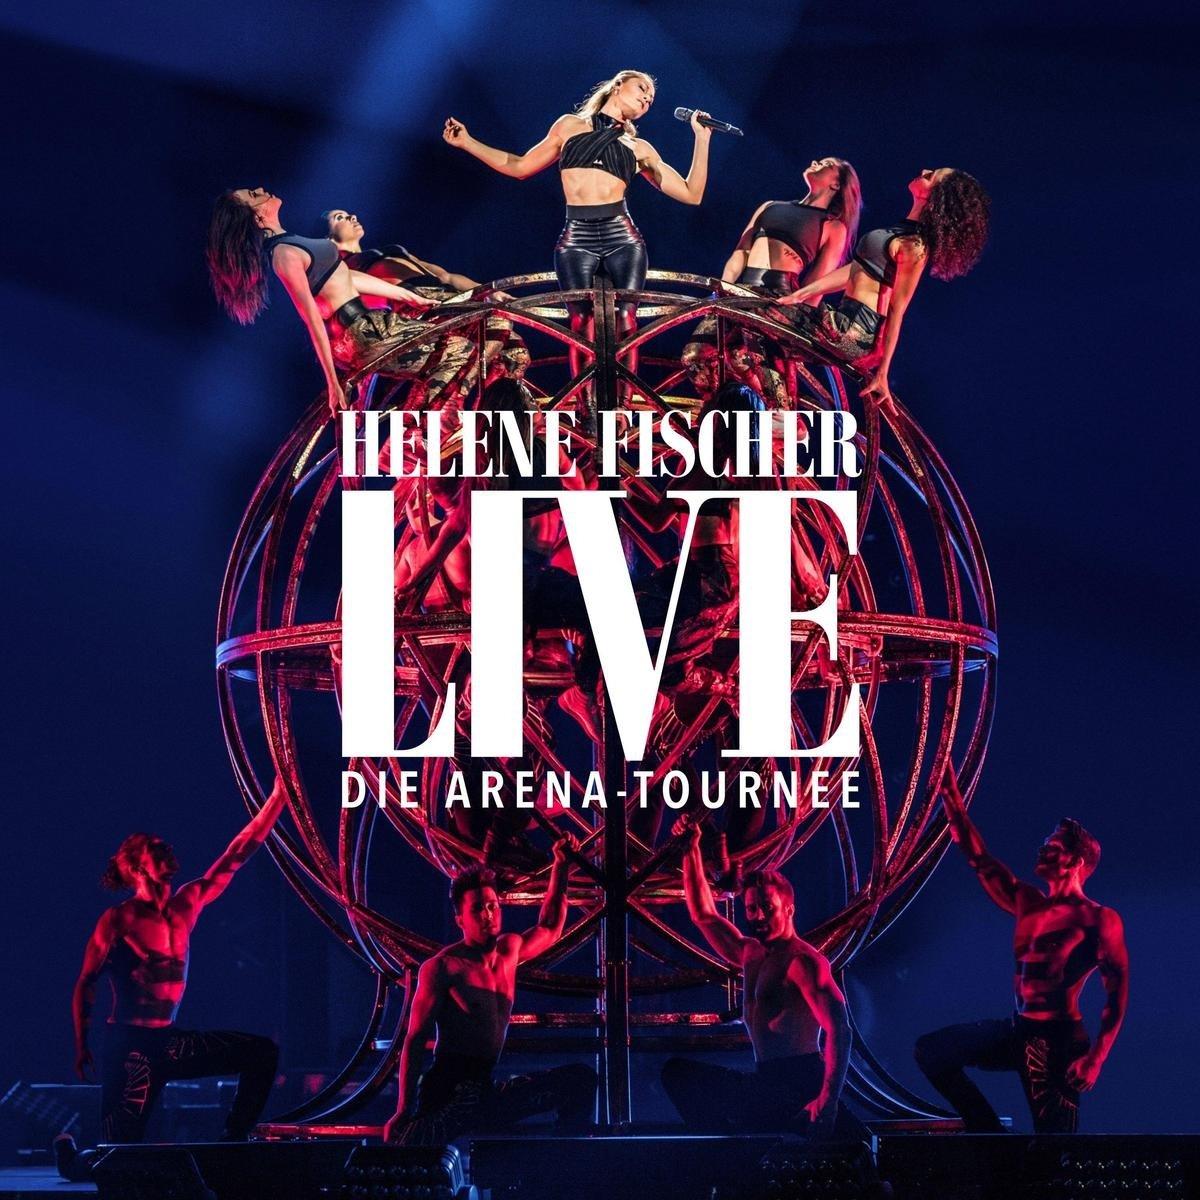 Helene Fischer Live - Die Arena-Tournee (2CD) - Helene Fischer ...